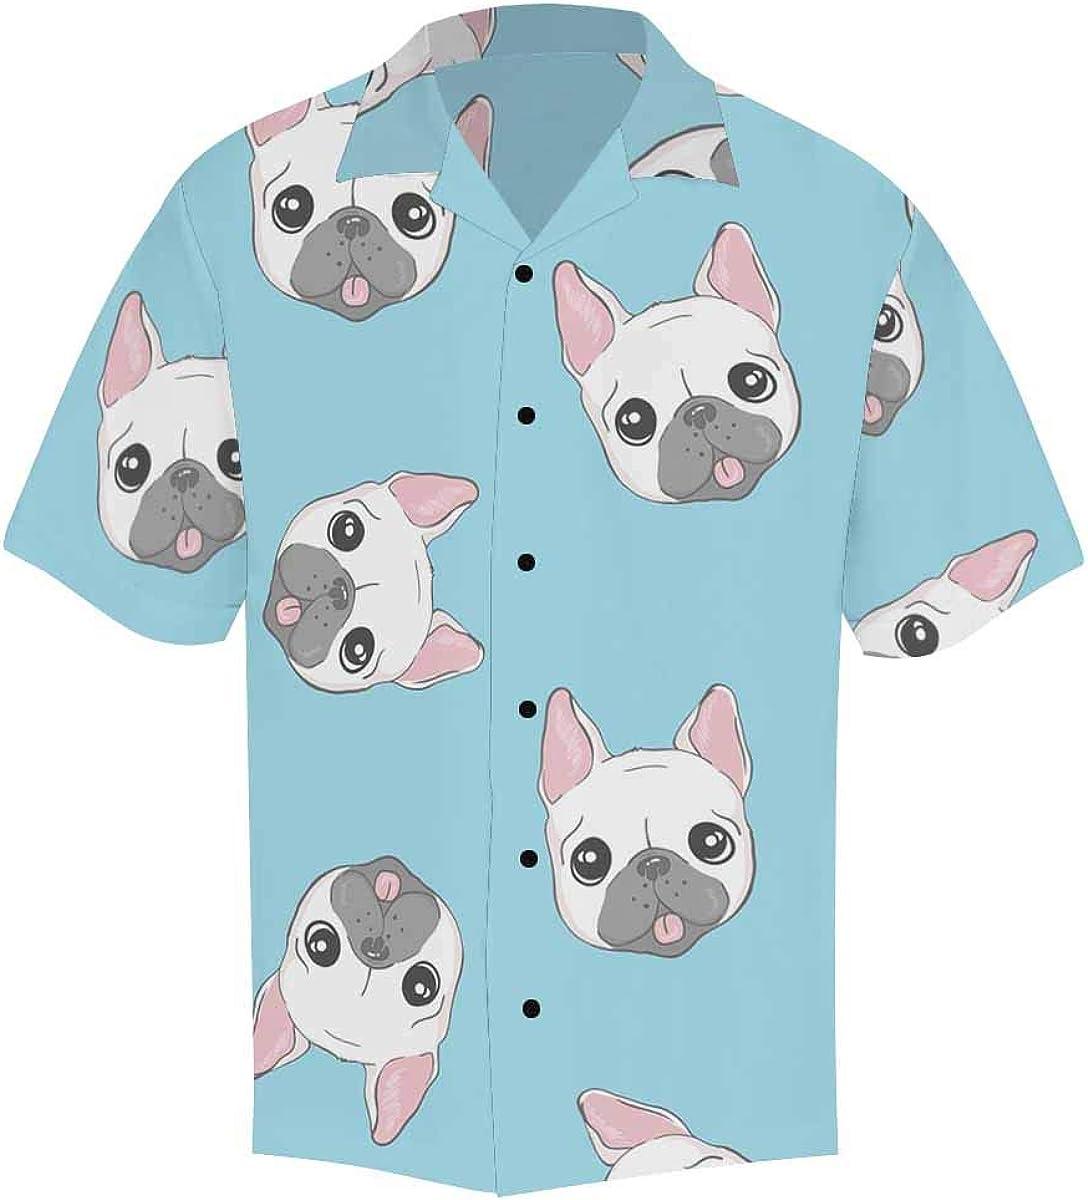 InterestPrint Men's Casual Button Down Short Sleeve Lettering Meow Cat Hawaiian Shirt (S-5XL)